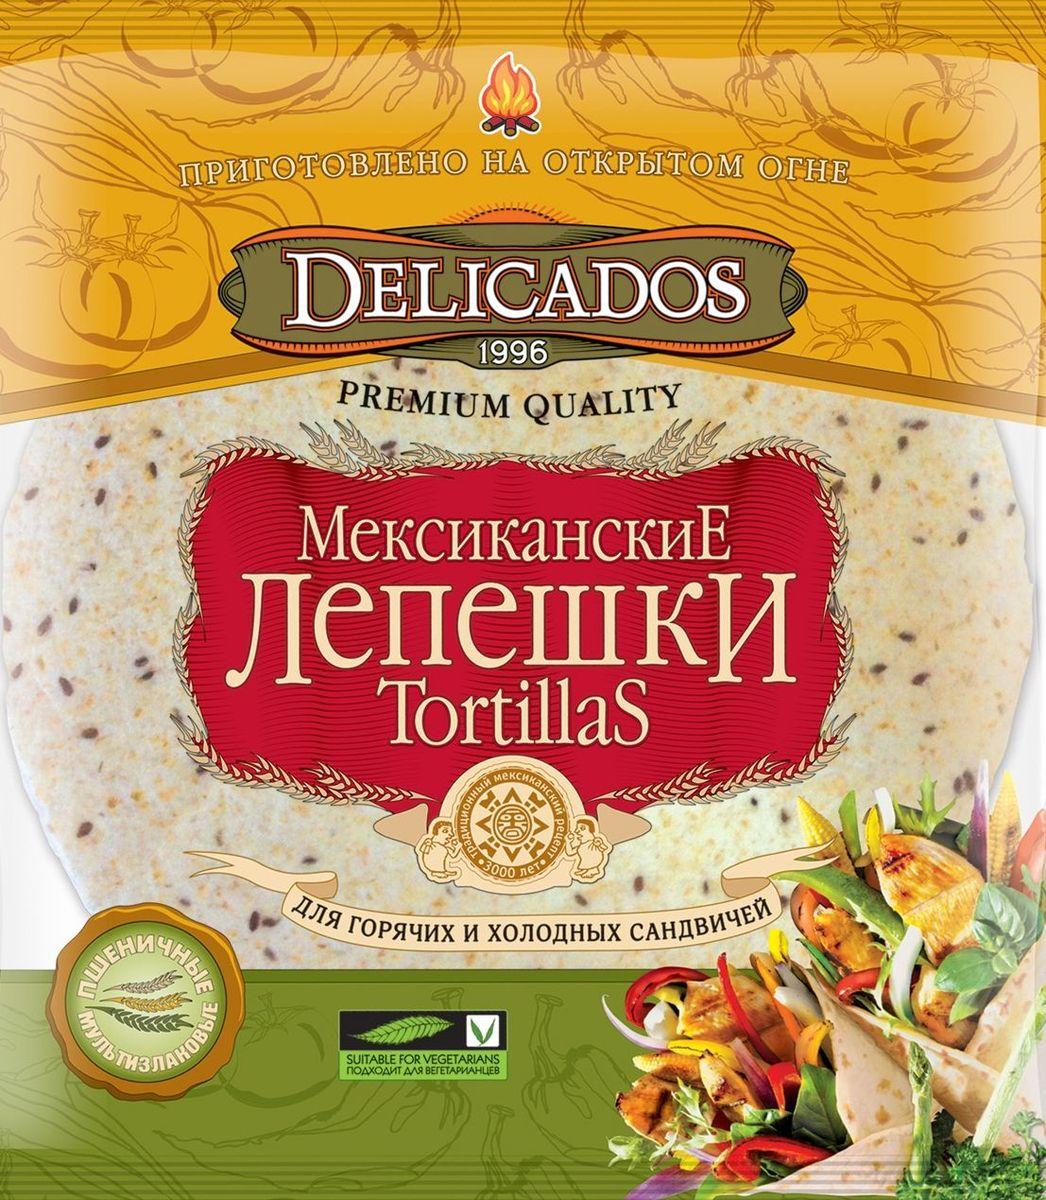 Delicados лепешки мультизлаковые, 400 гбрс004Мексиканская лепешка Тортилья известна всему миру не только как разновидность хлебного продукта или лаваша, но и как символ Мексики. Сложно представить мексиканскую трапезу без тортильи. Ведь этот народ употребляет тортильи около 3000 лет. Еще ацтеки выпекали вкусные лепешки, которые выступали в роли тарелки, ложки и хлеба. Но простота рецептуры и функциональность не утратили своего значения и в современном мире, ведь сейчас в отсутствии времени на приготовление полноценной еды в течение дня, мы привыкли отправлять в желудок все, что попадается под руку. А мультизлаковая тортилья с блеском решает проблему обедов, перекусов и быстрых и полезных бутербродов.